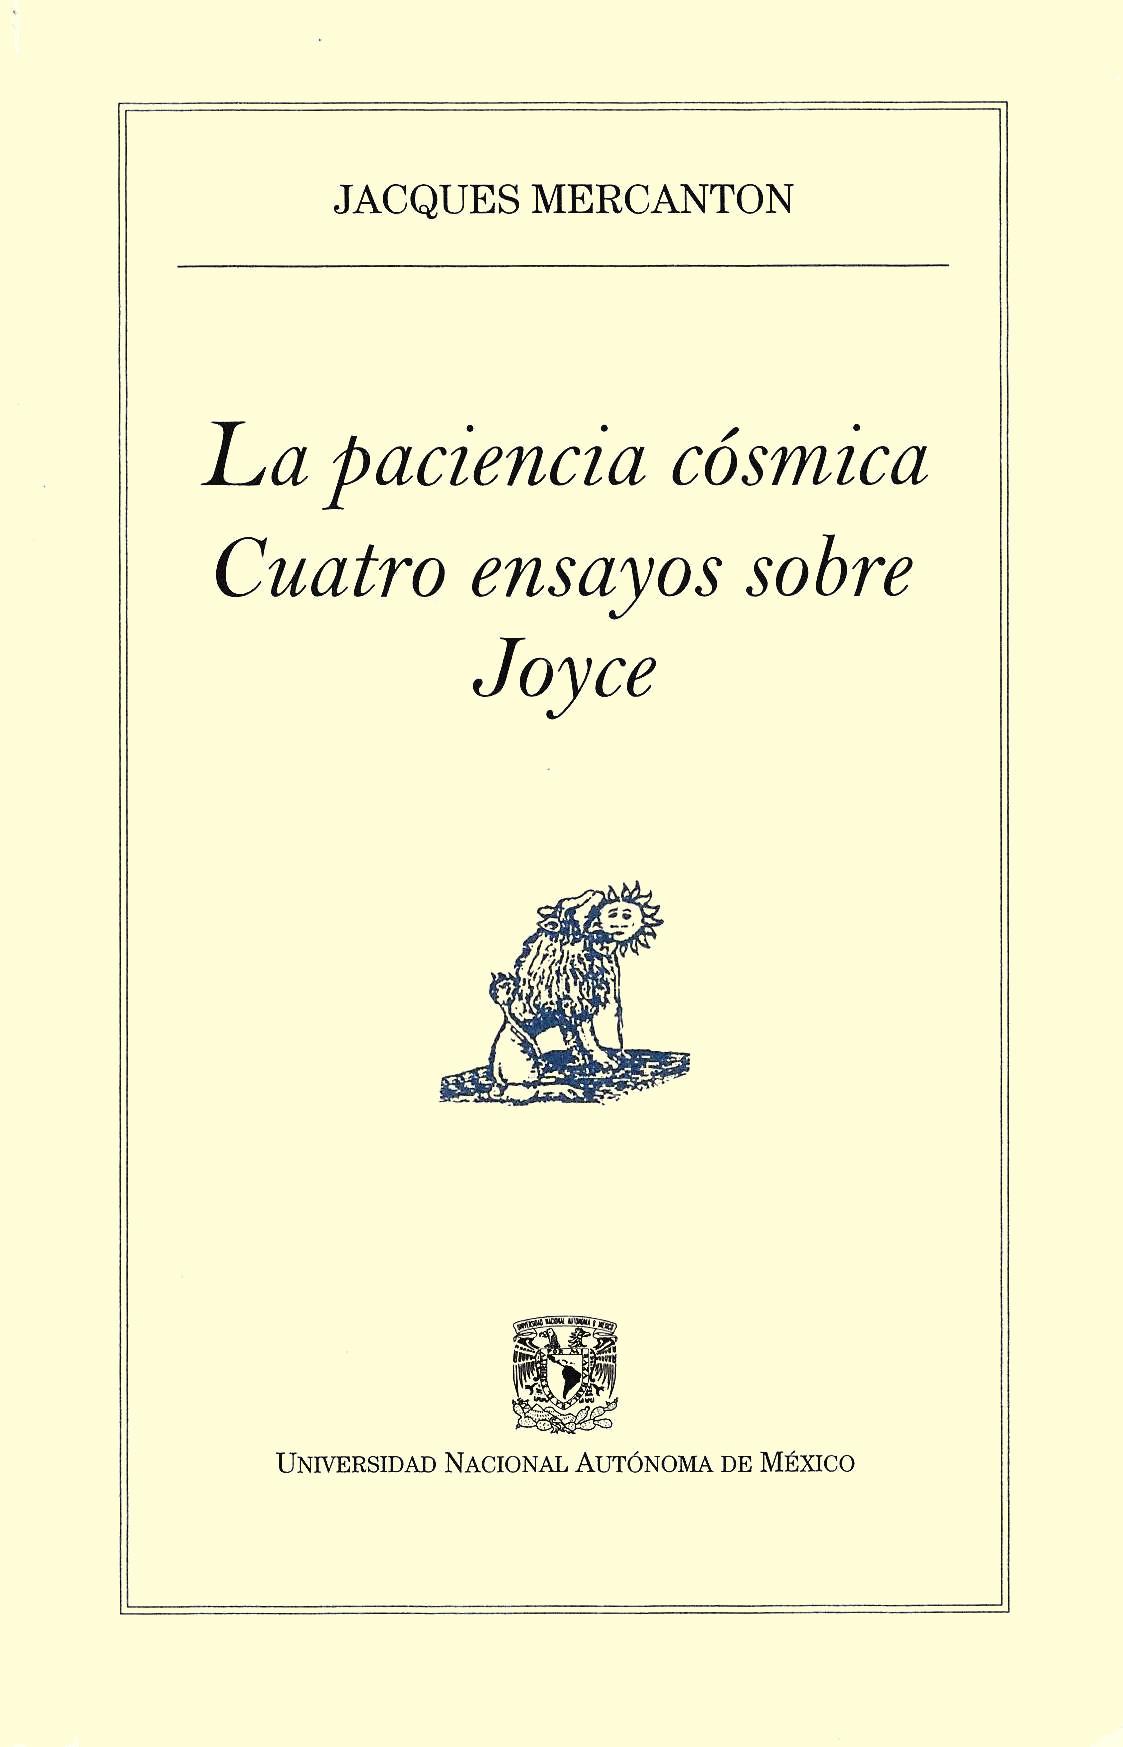 La paciencia cósmica. Cuatro ensayos sobre Joyce